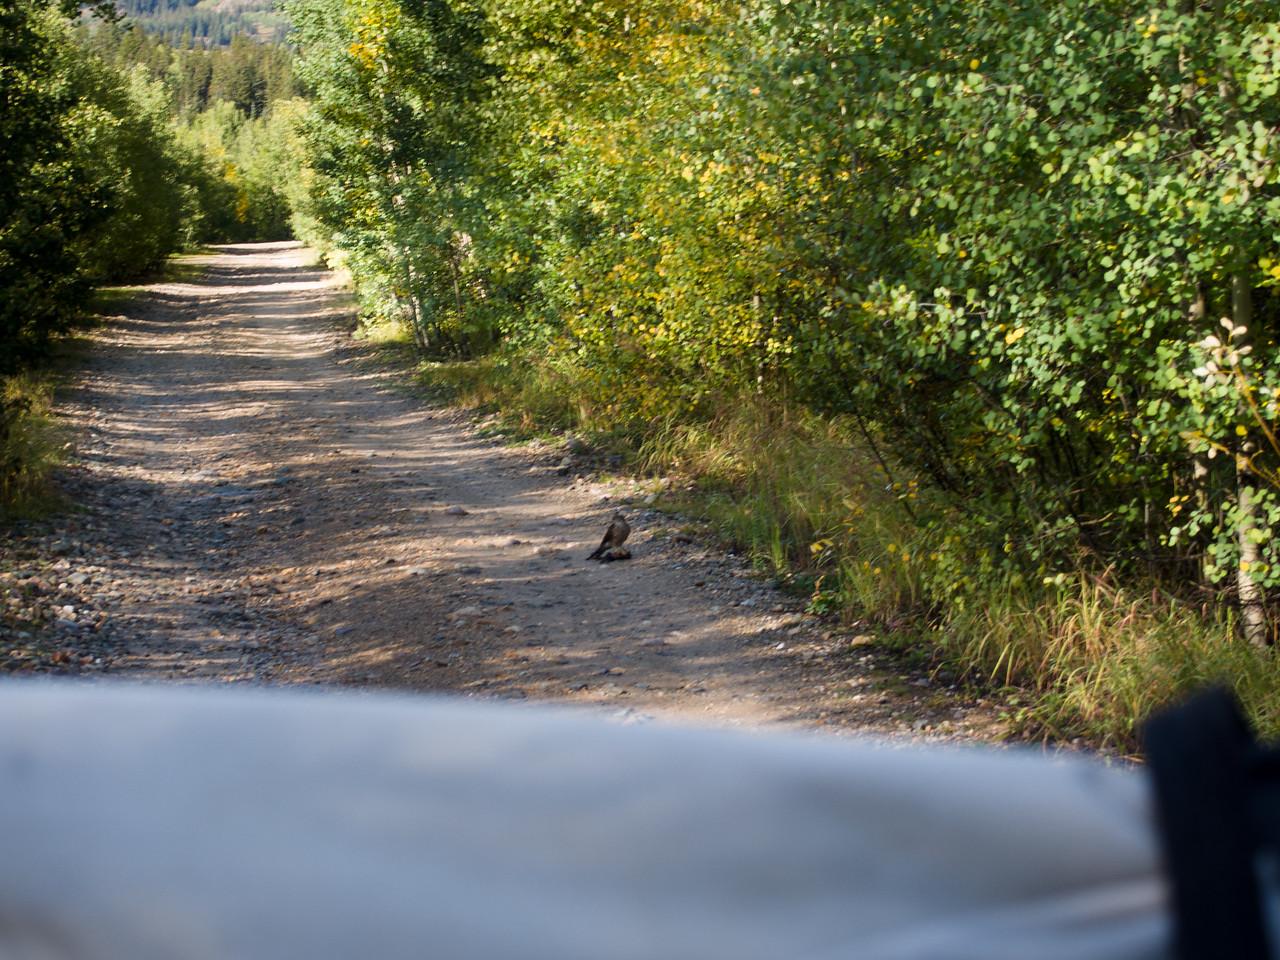 Falcon in road